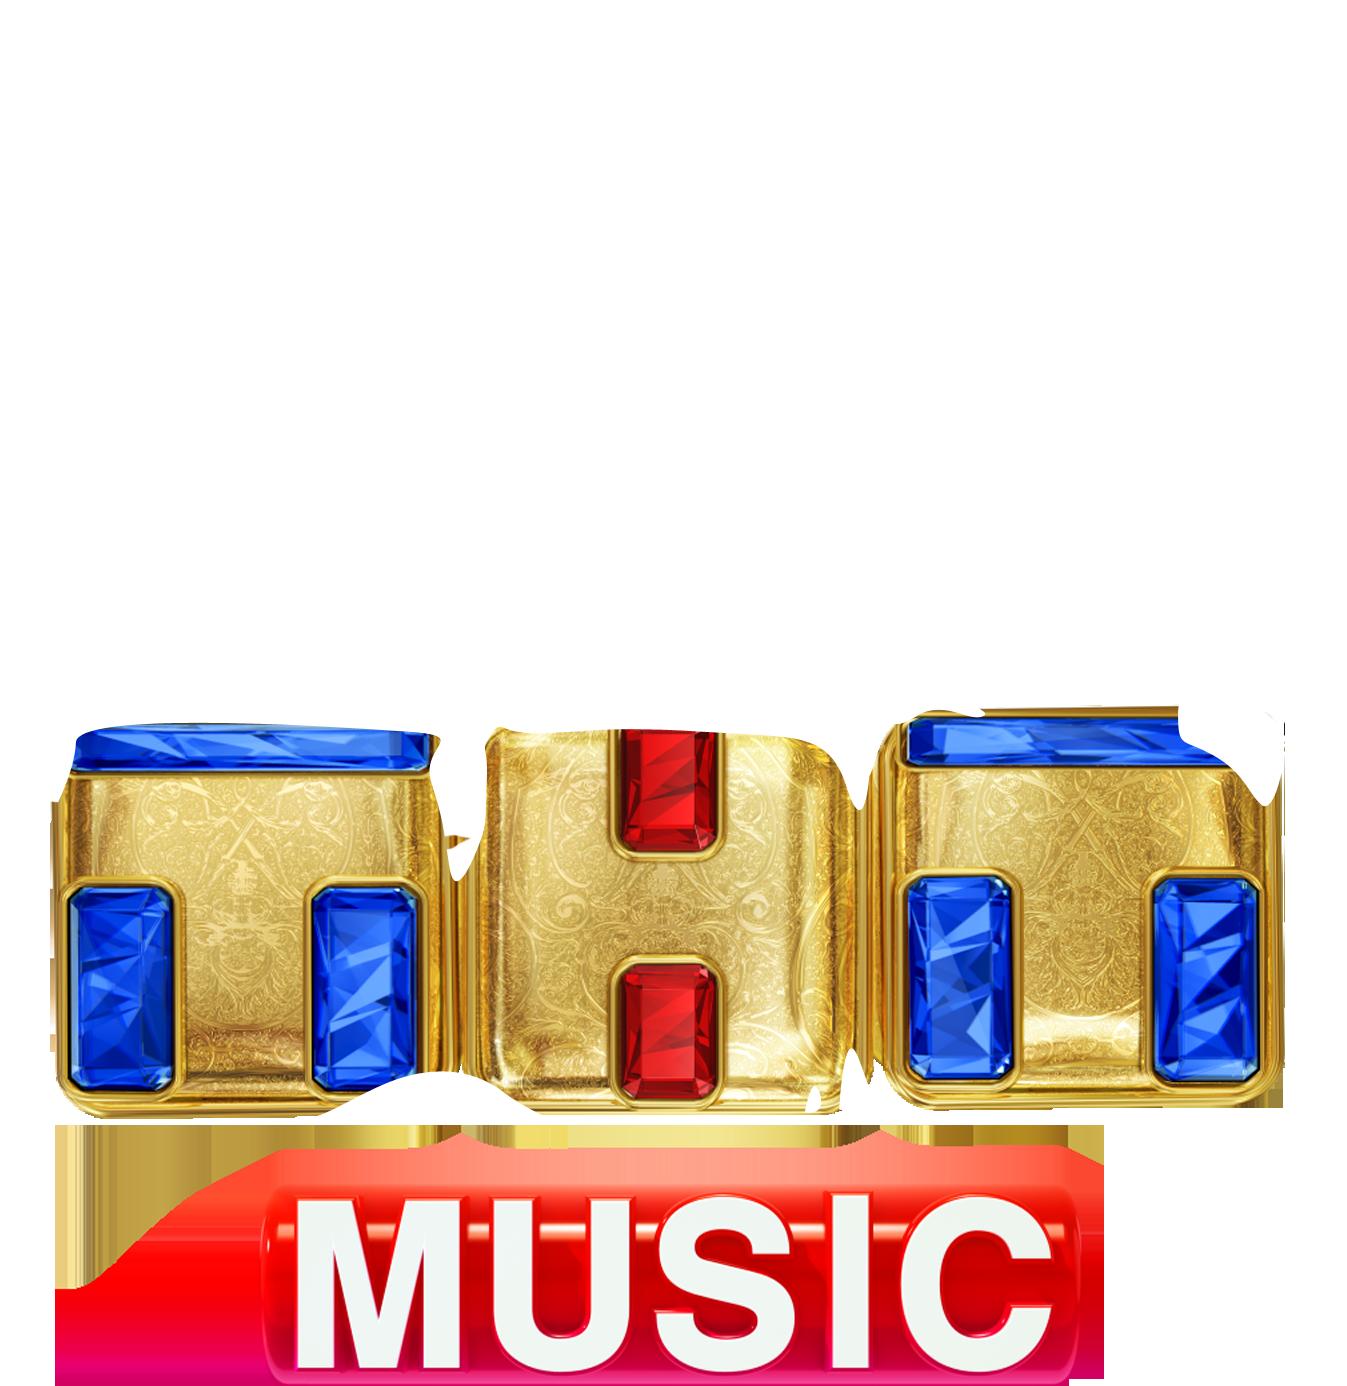 ТНТ Music (2016-2017, новогодний)